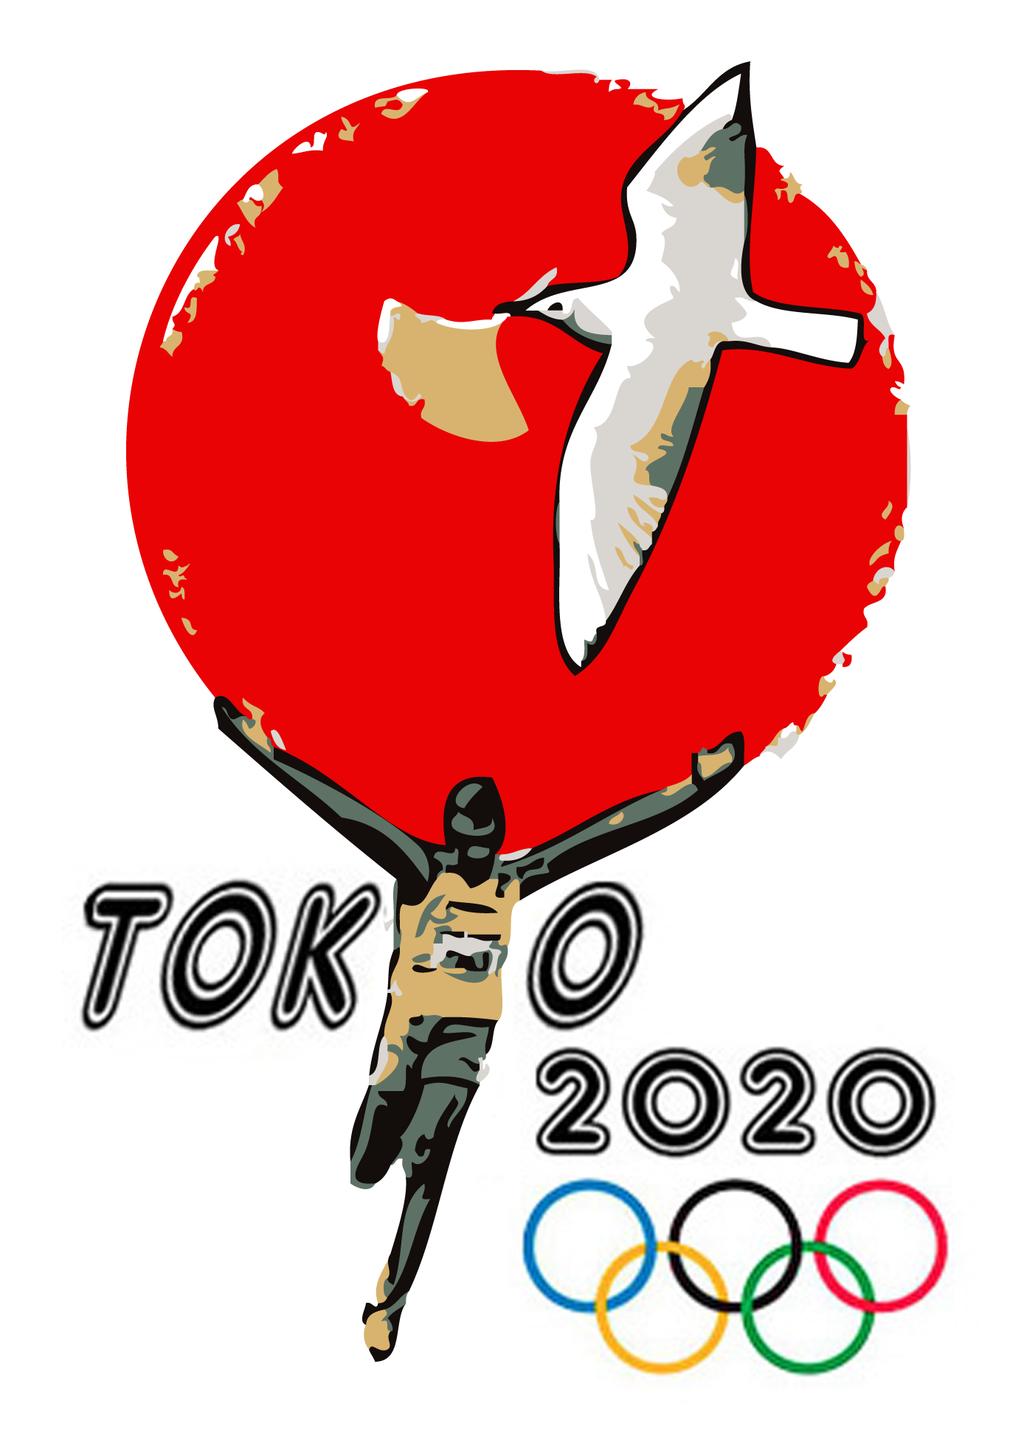 『くまにゃん』是々非々 on in 2020 Camping crafts, Graphic design